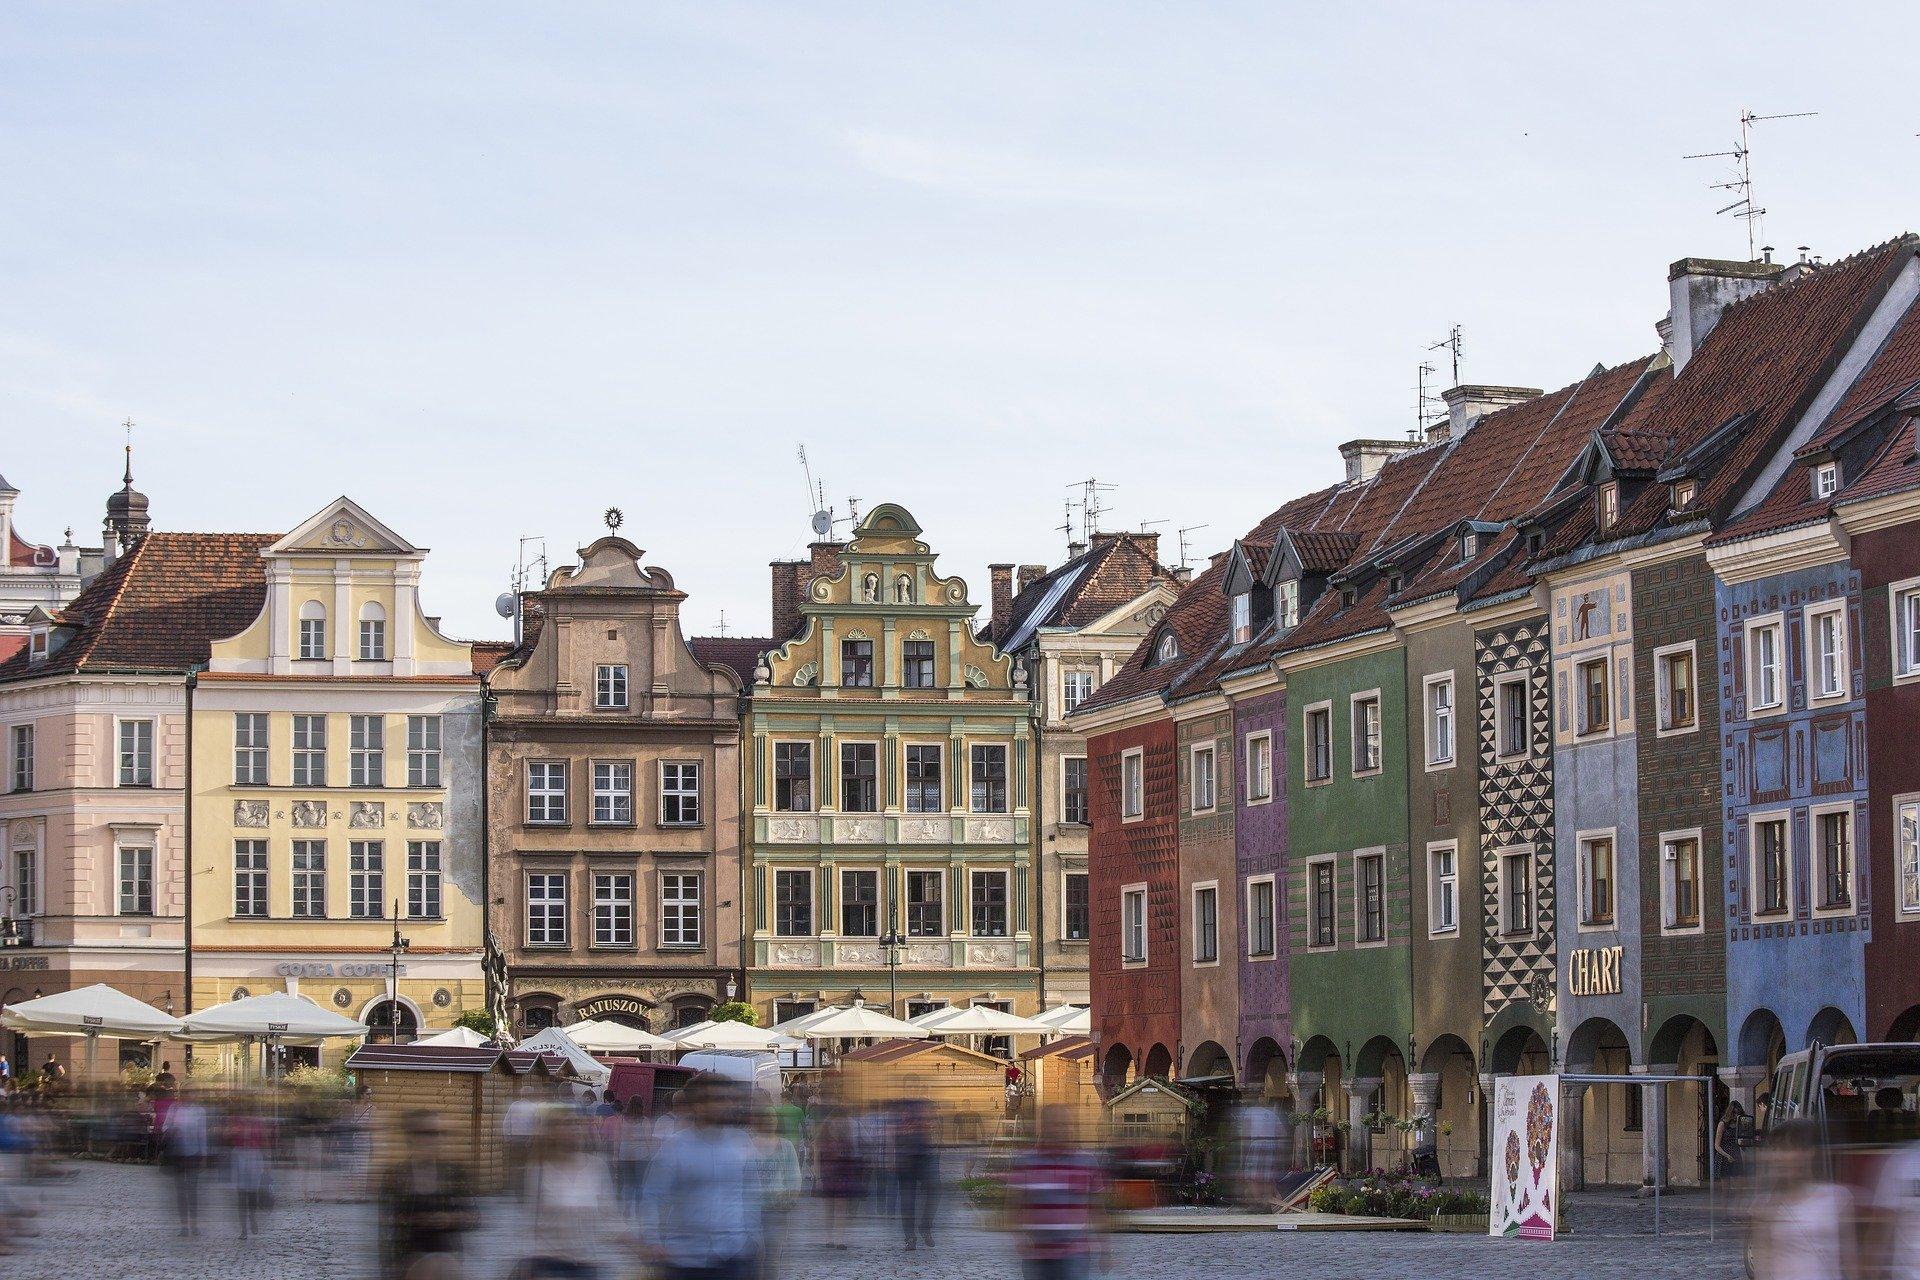 Stedentrip-naar-de-Poolse-stad-Poznan